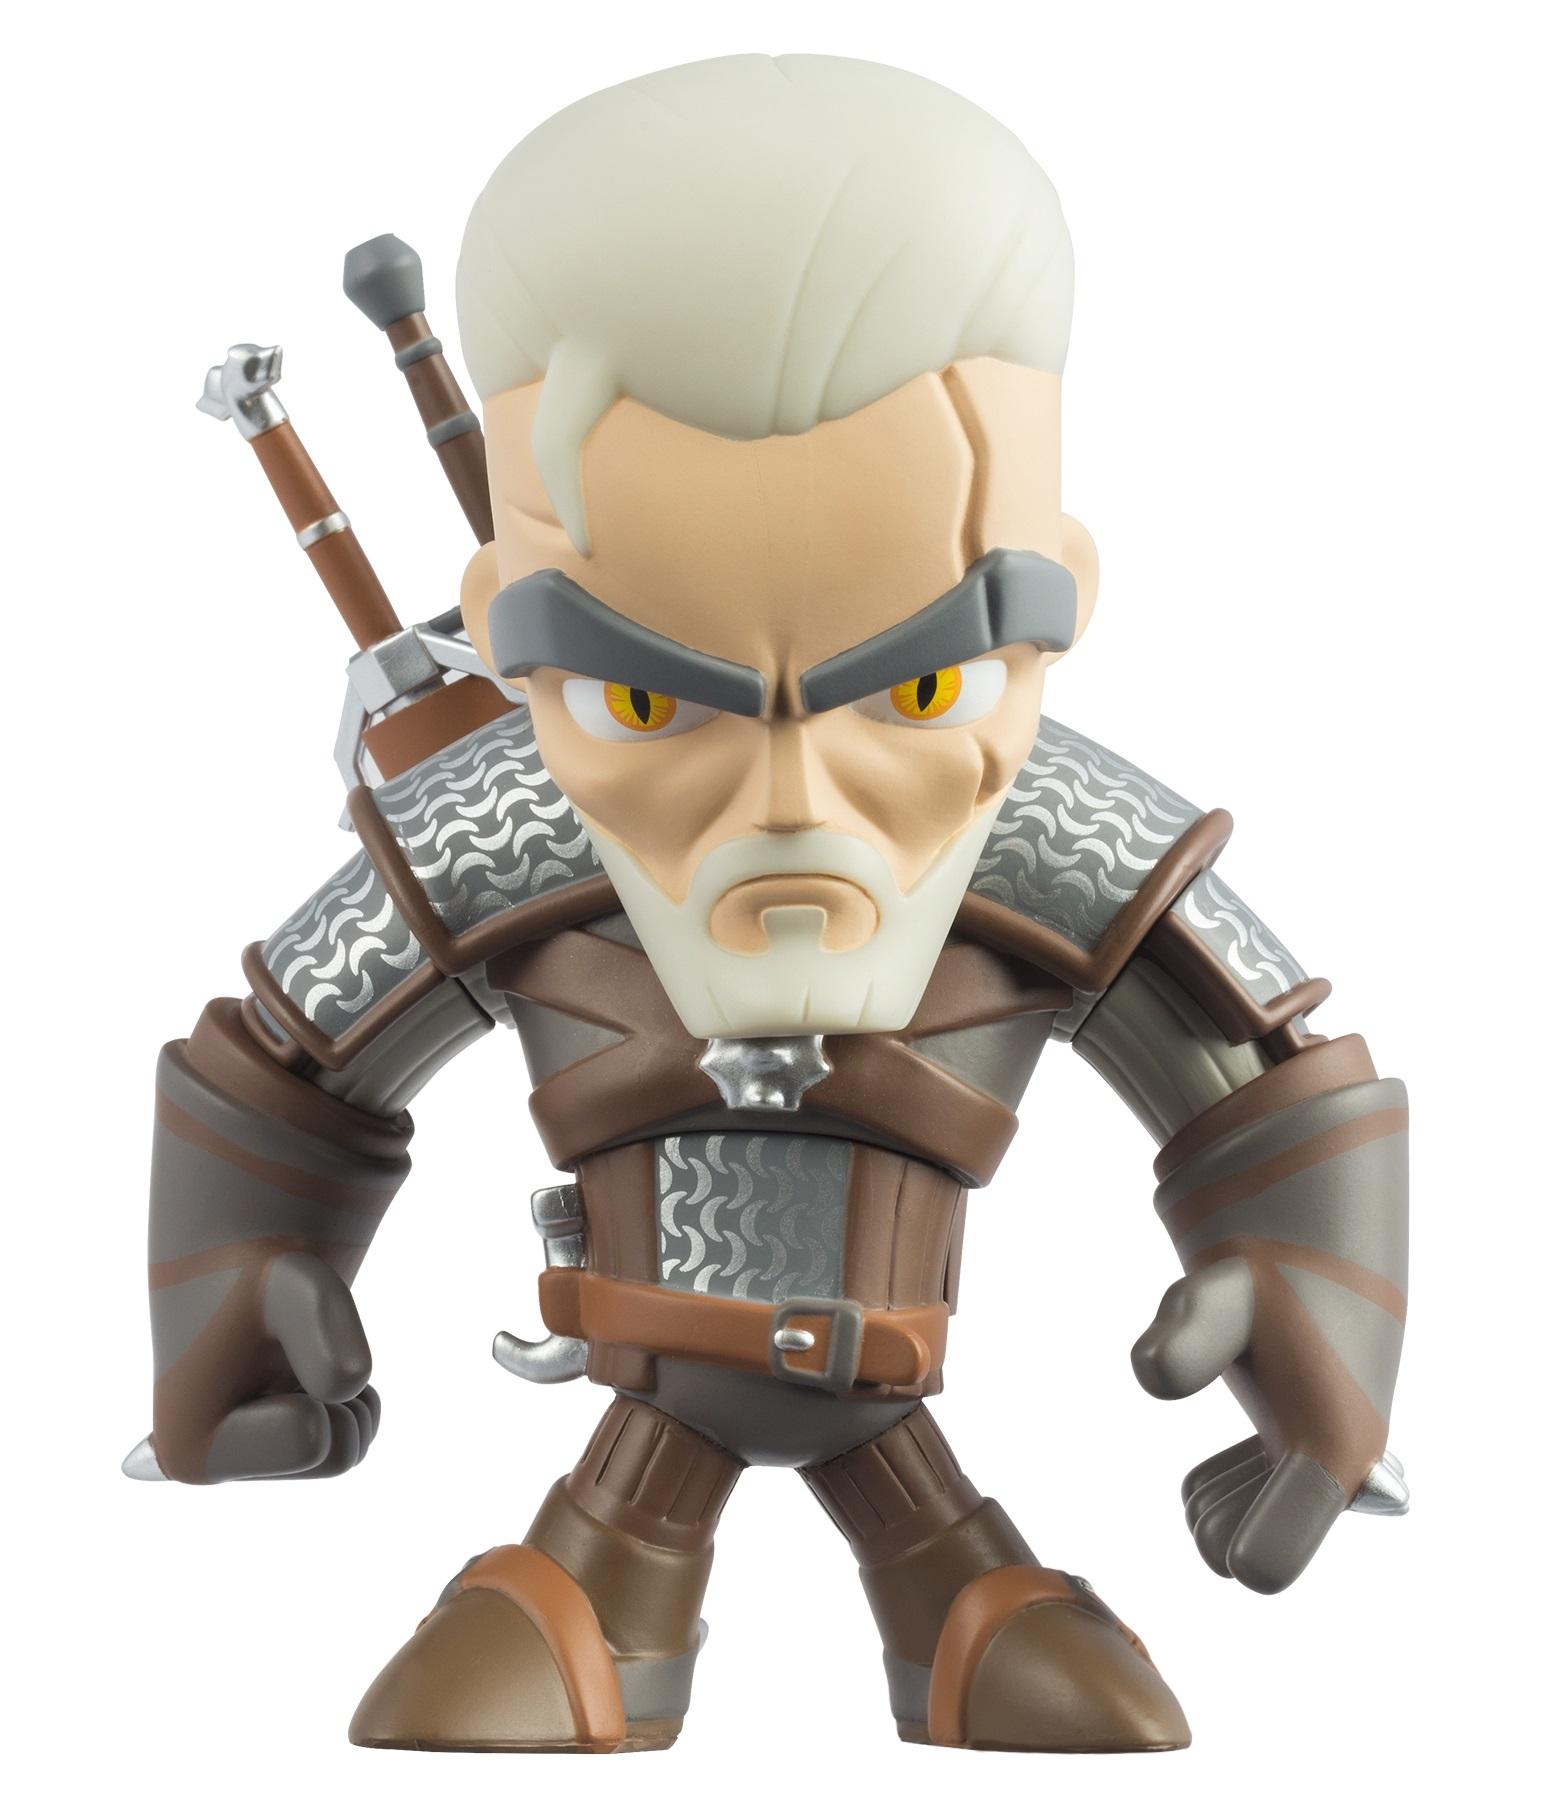 Фигурка The Witcher 3: Geralt Of Rivia (16 см)Фигурка The Witcher 3: Geralt Of Rivia создана по мотивам популярной компьютерной игры «Ведьмак 3: Дикая Охота».<br>